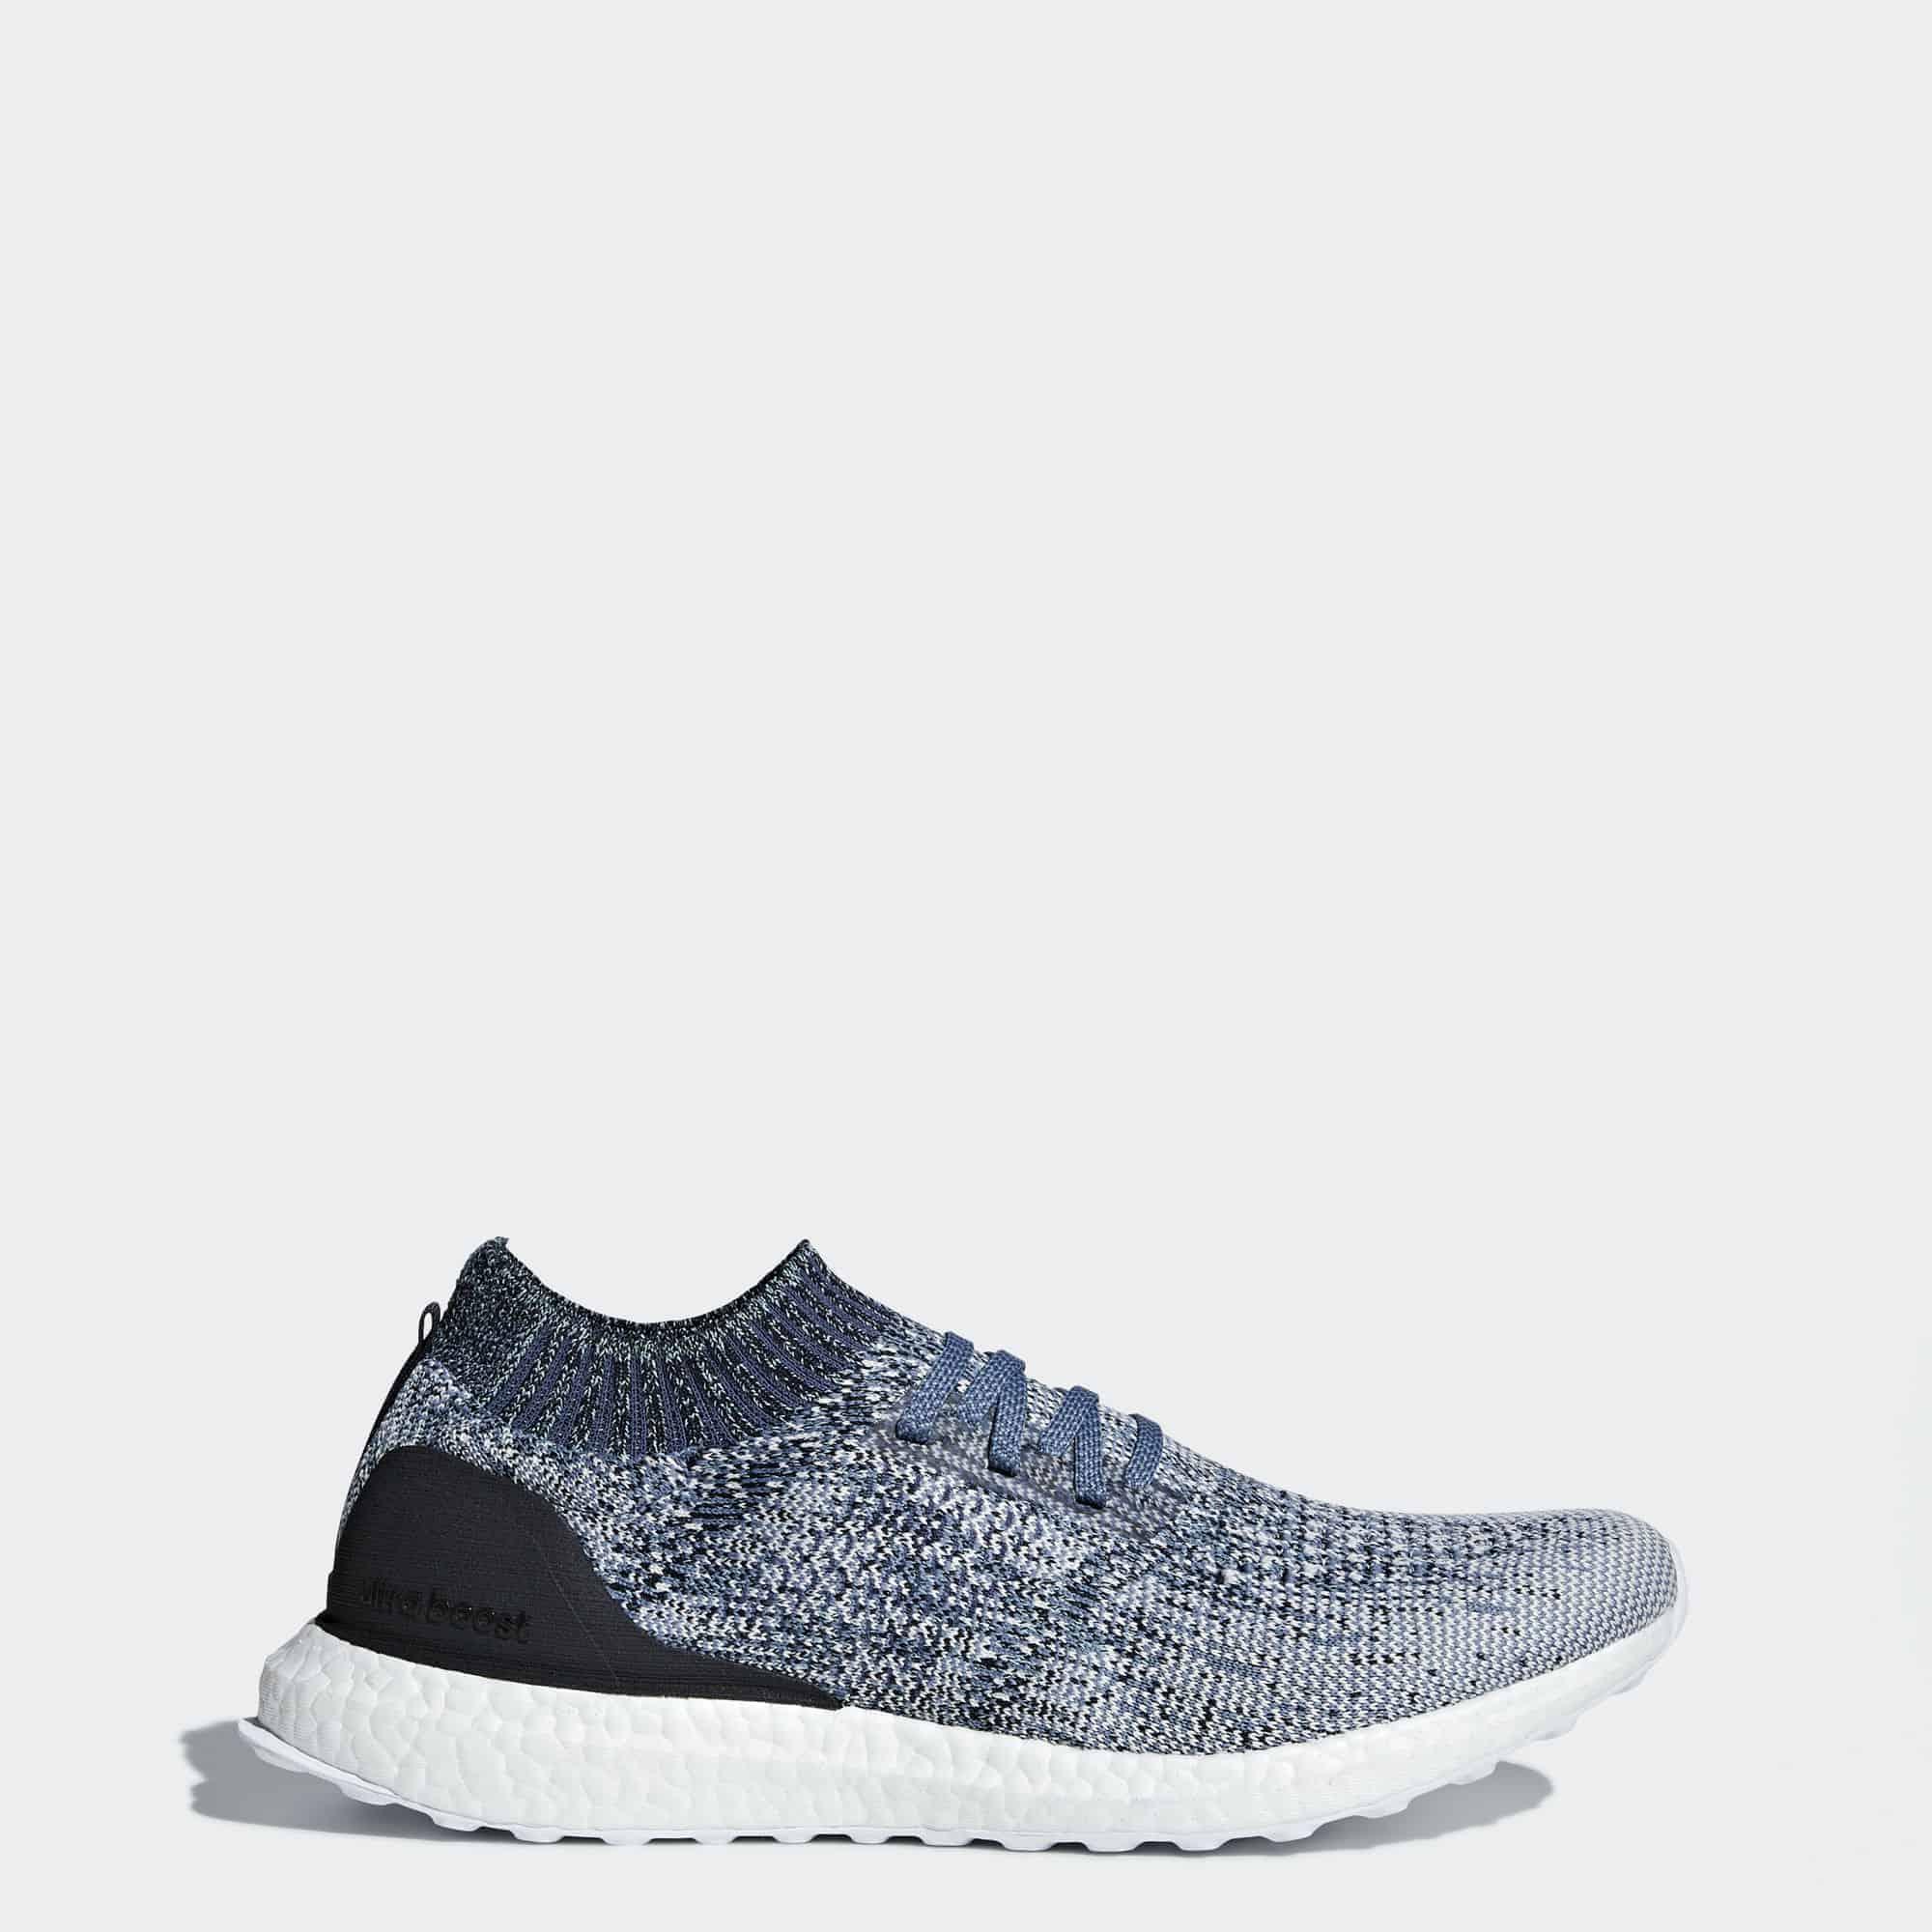 Кроссовки для бега Adidas Ultraboost Uncaged Parley мужские